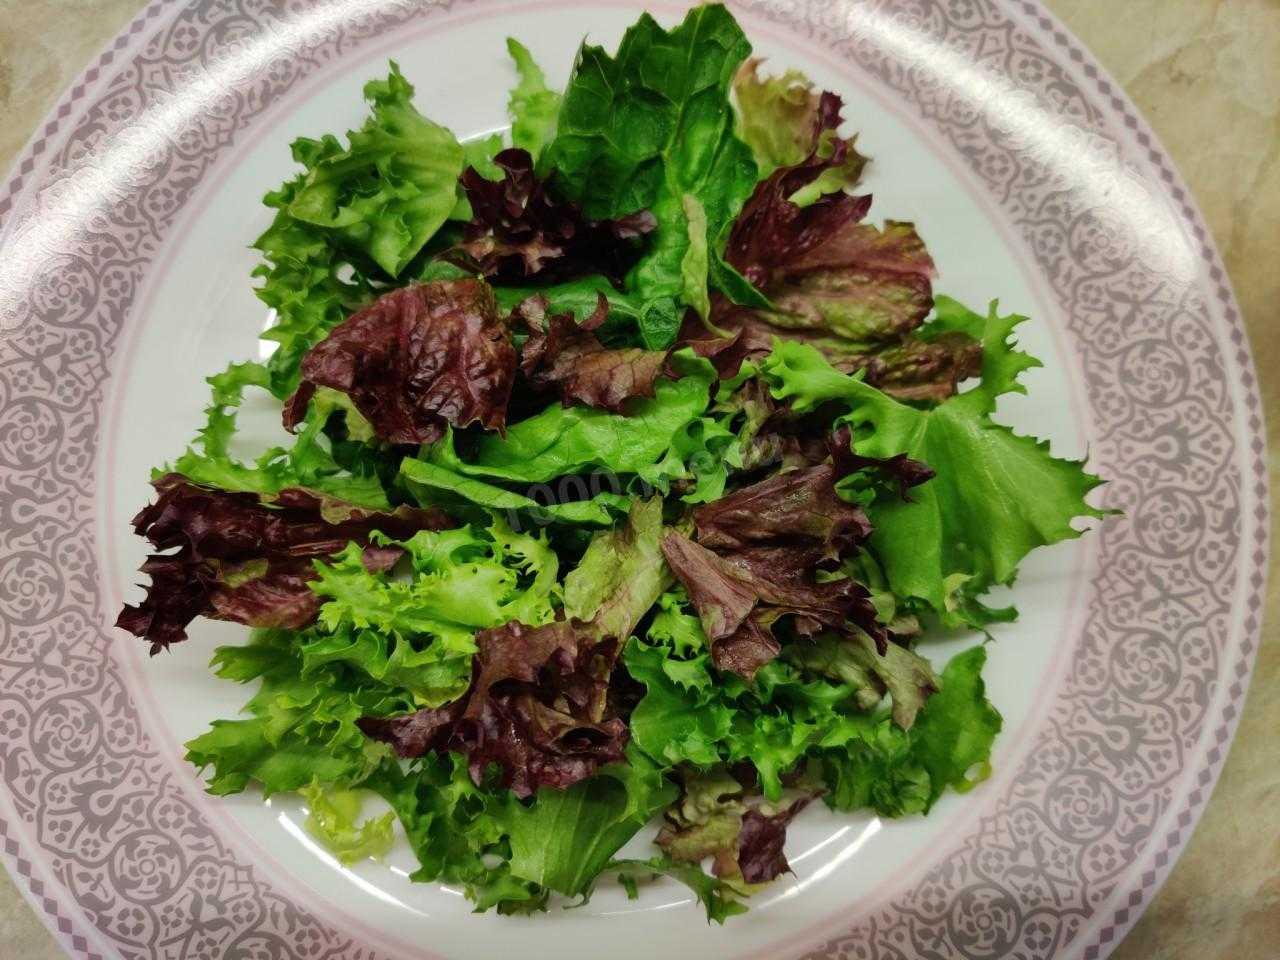 Салат с жареными грибами - отлично сочетается со всеми продуктами: рецепт с фото и видео